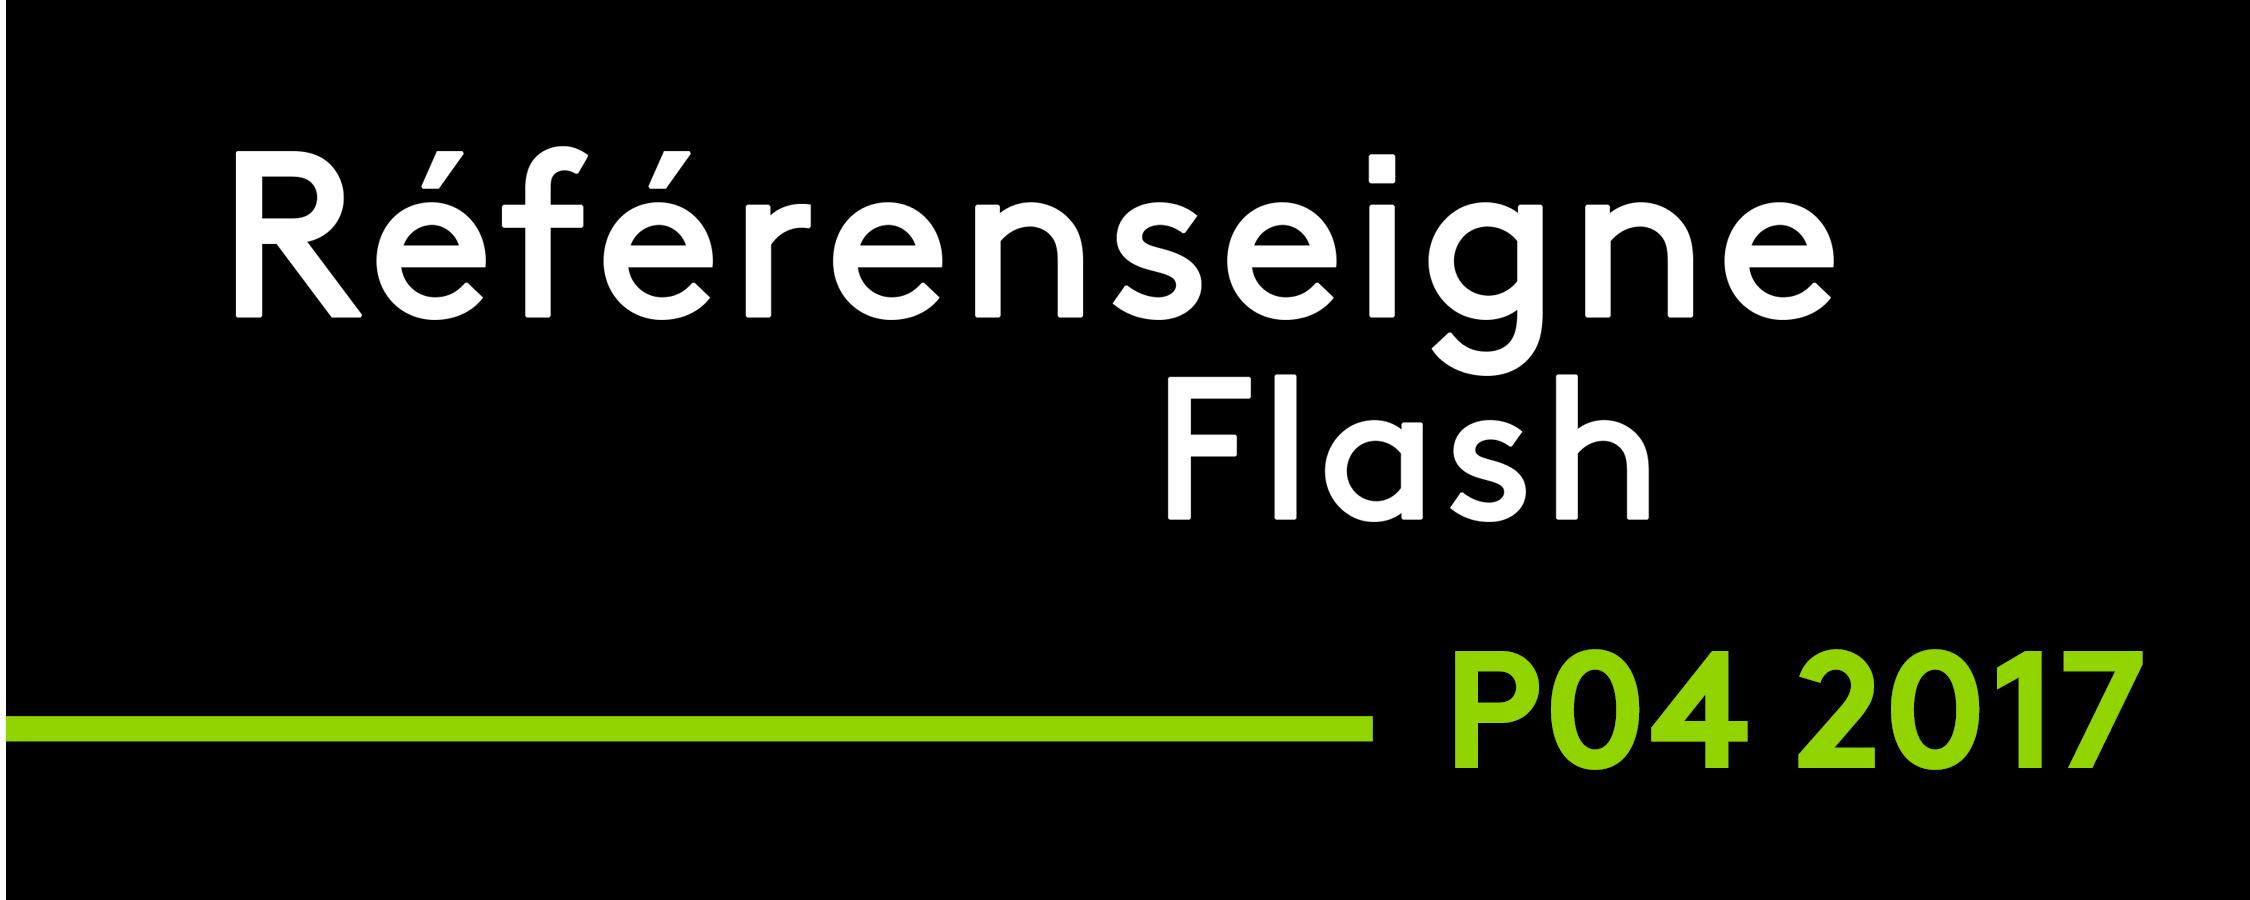 Tendances Consommation et Enseignes P04 2017